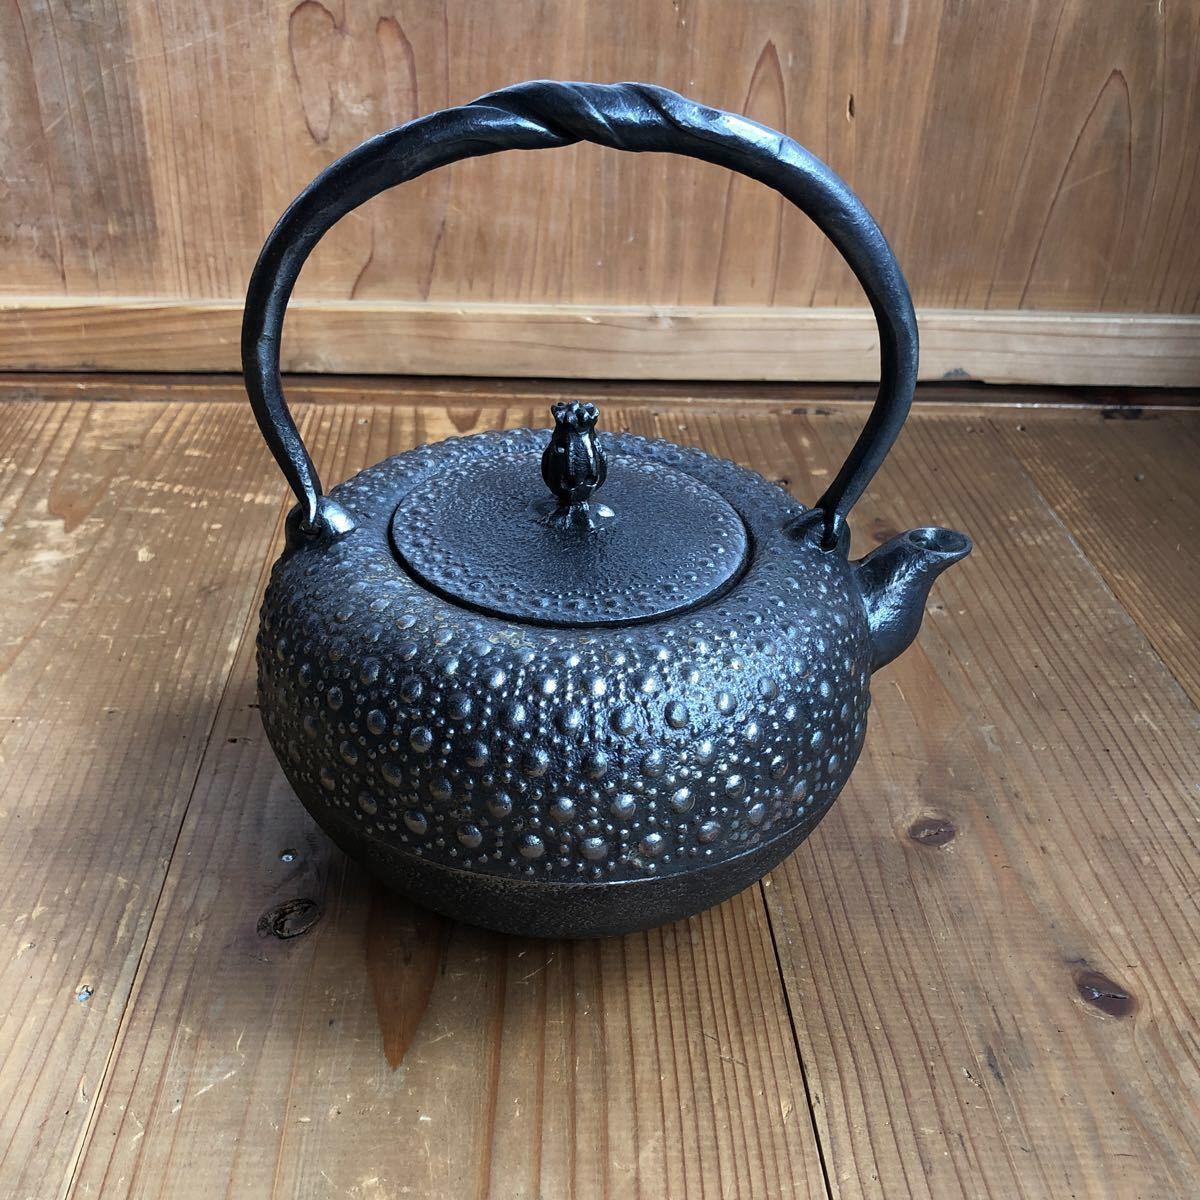 古い 南部鉄器 南部鉄瓶 岩鋳 亀甲模様 捻り持ち手 虫喰い摘み 湯沸かし 煎茶道具 _画像2